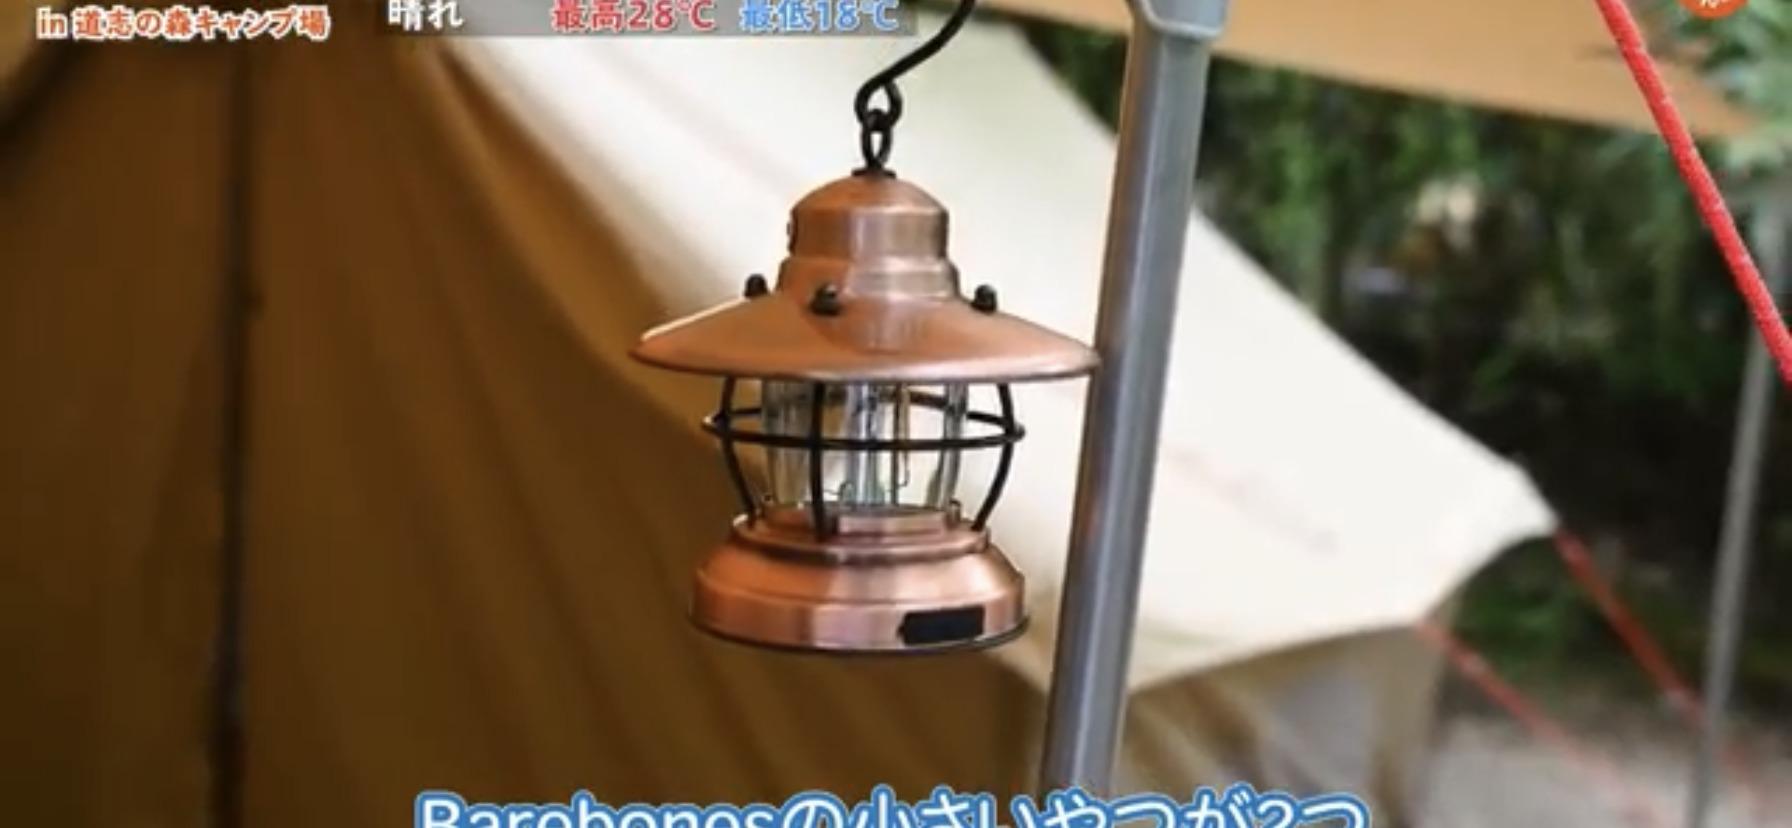 ランタン:【ベアボーンズ(Barebones)】ミニ エジソンランタン LED